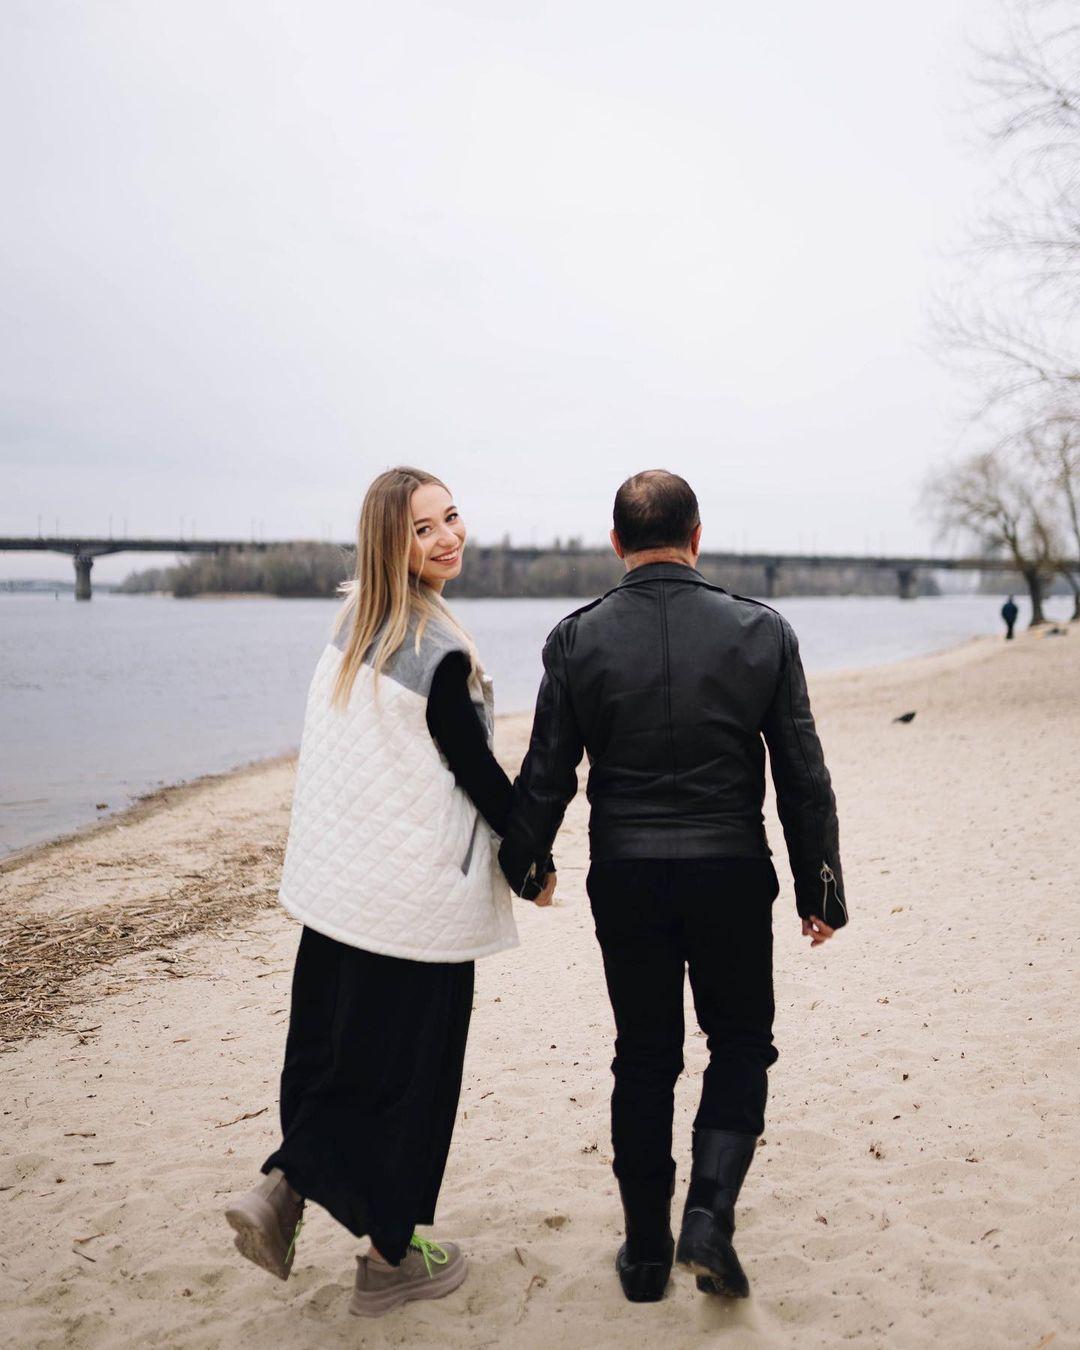 Вагітна дружина Віктора Павліка показала фото на відпочинку: такі щасливі